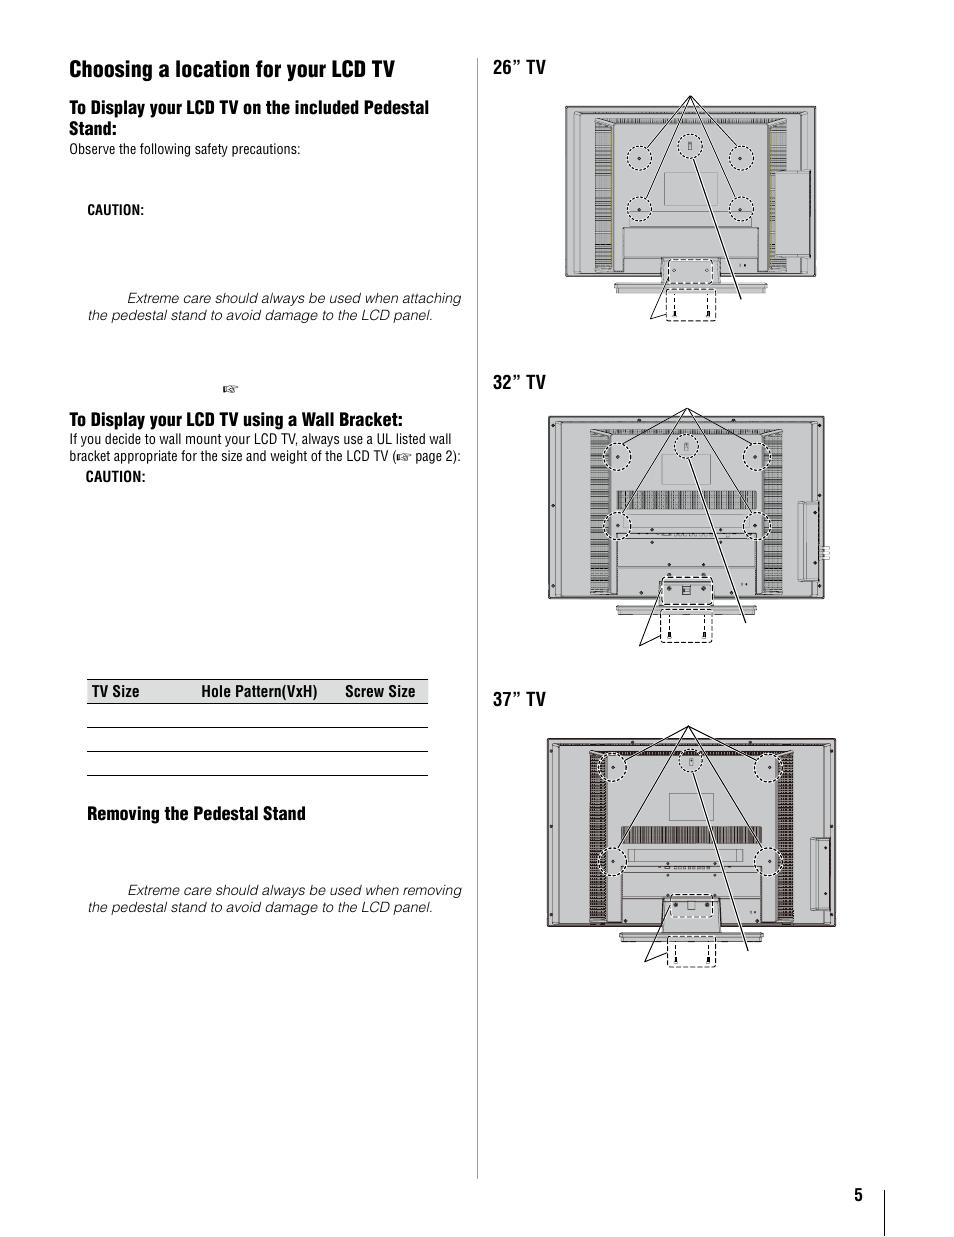 choosing a location for your lcd tv toshiba 37av52u user manual rh manualsdir com instruction manual toshiba tv instruction manual toshiba e studio 5508a